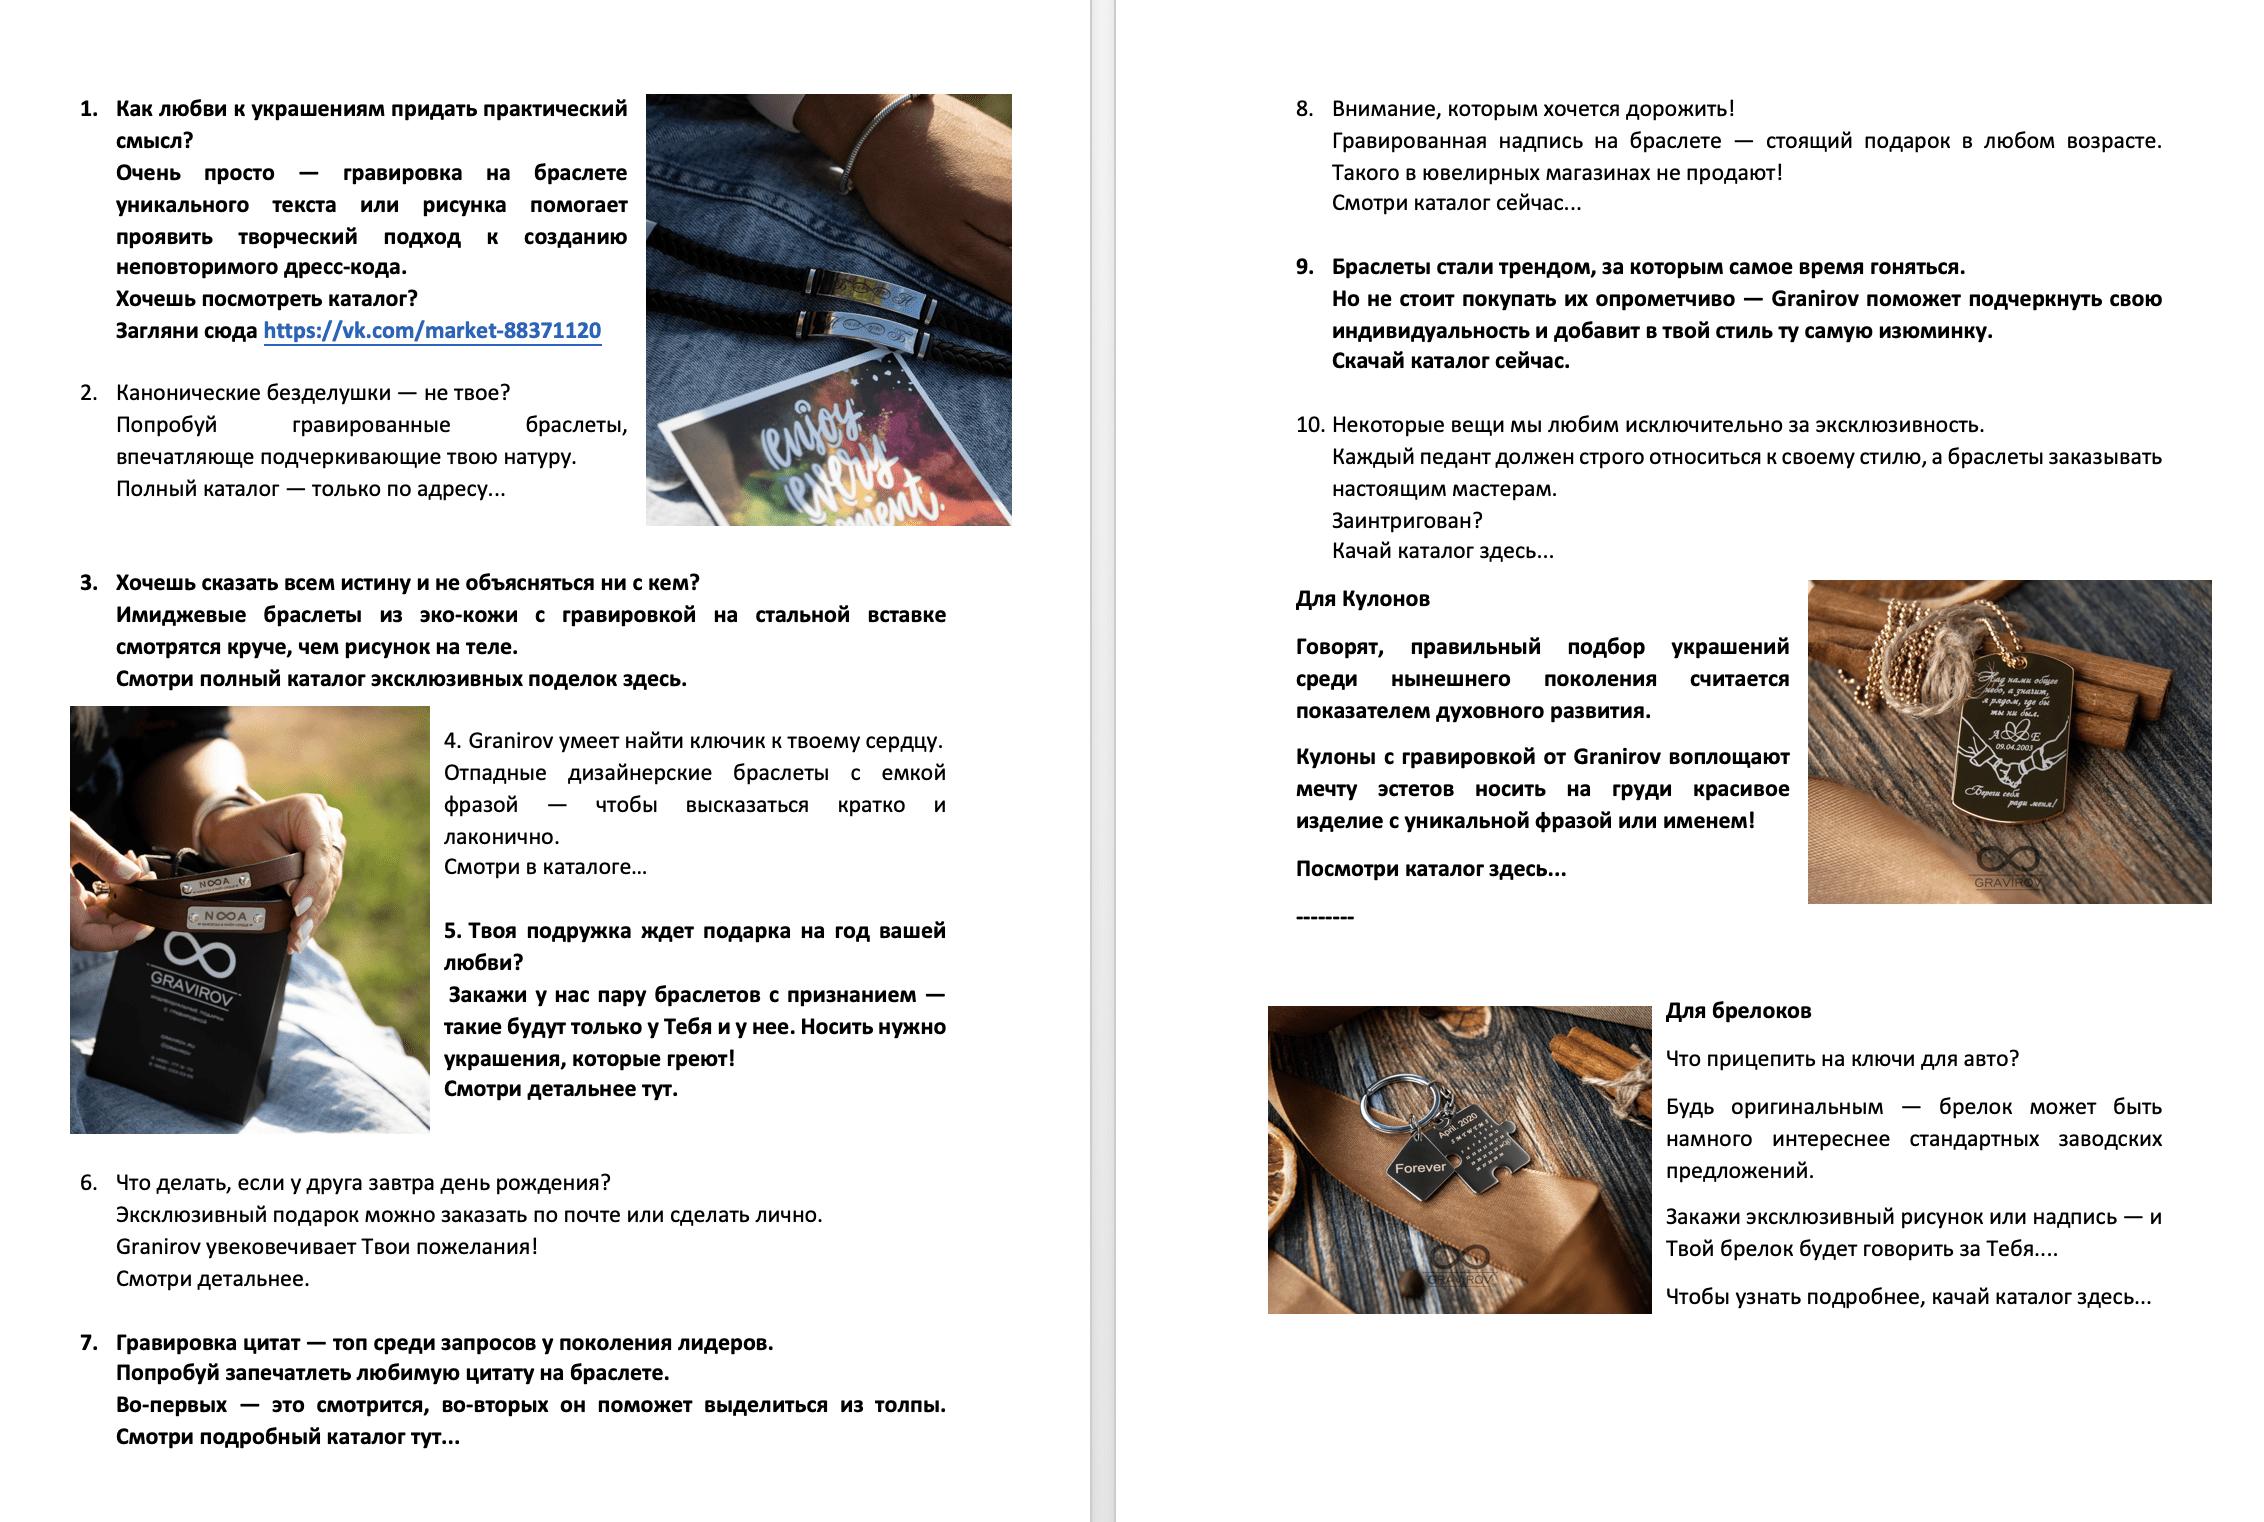 Пример продающих постов для вконтакте #72 – Креативные посты для рекламы украшений